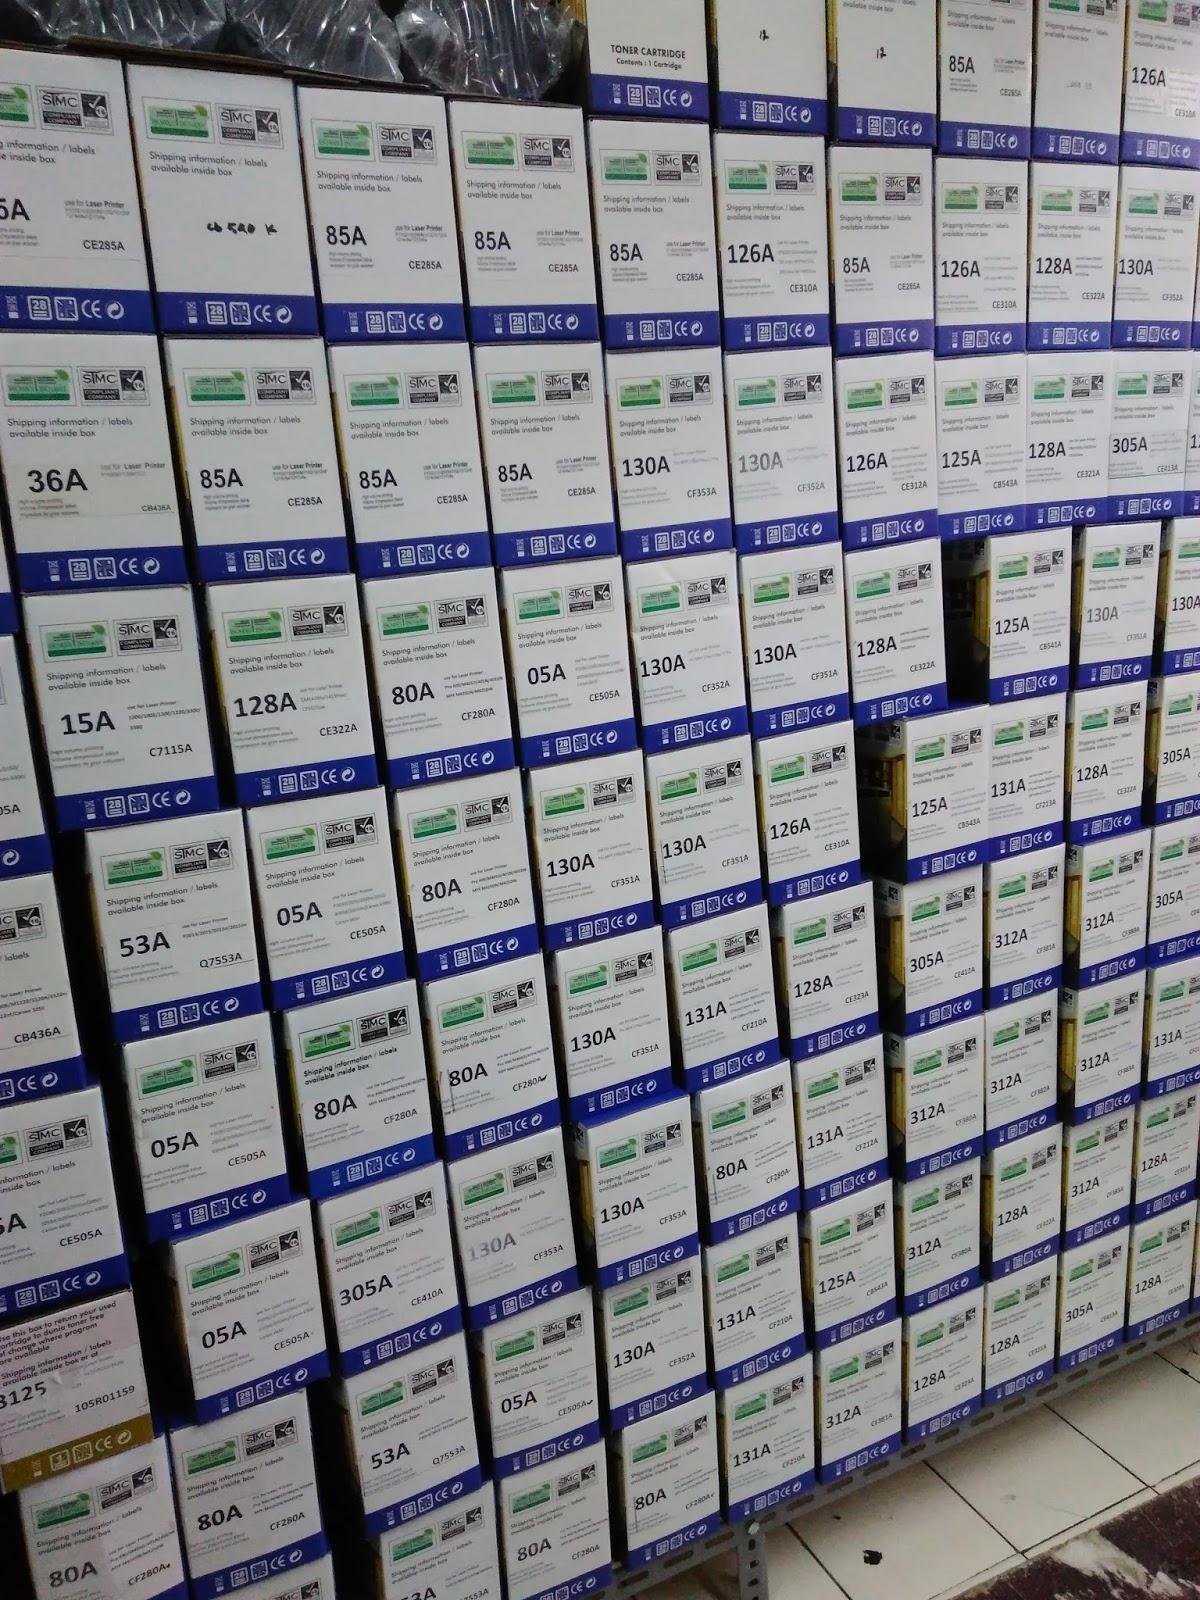 Big Toner Jual Hp Murah Bagus Harga Tinta Cartridge Compatible 12a 1020 Printer Laserjet Q2612a 1010 1012 1015 1018 1022 3050mfp 3020 3030 M1005mfp M1319mfp